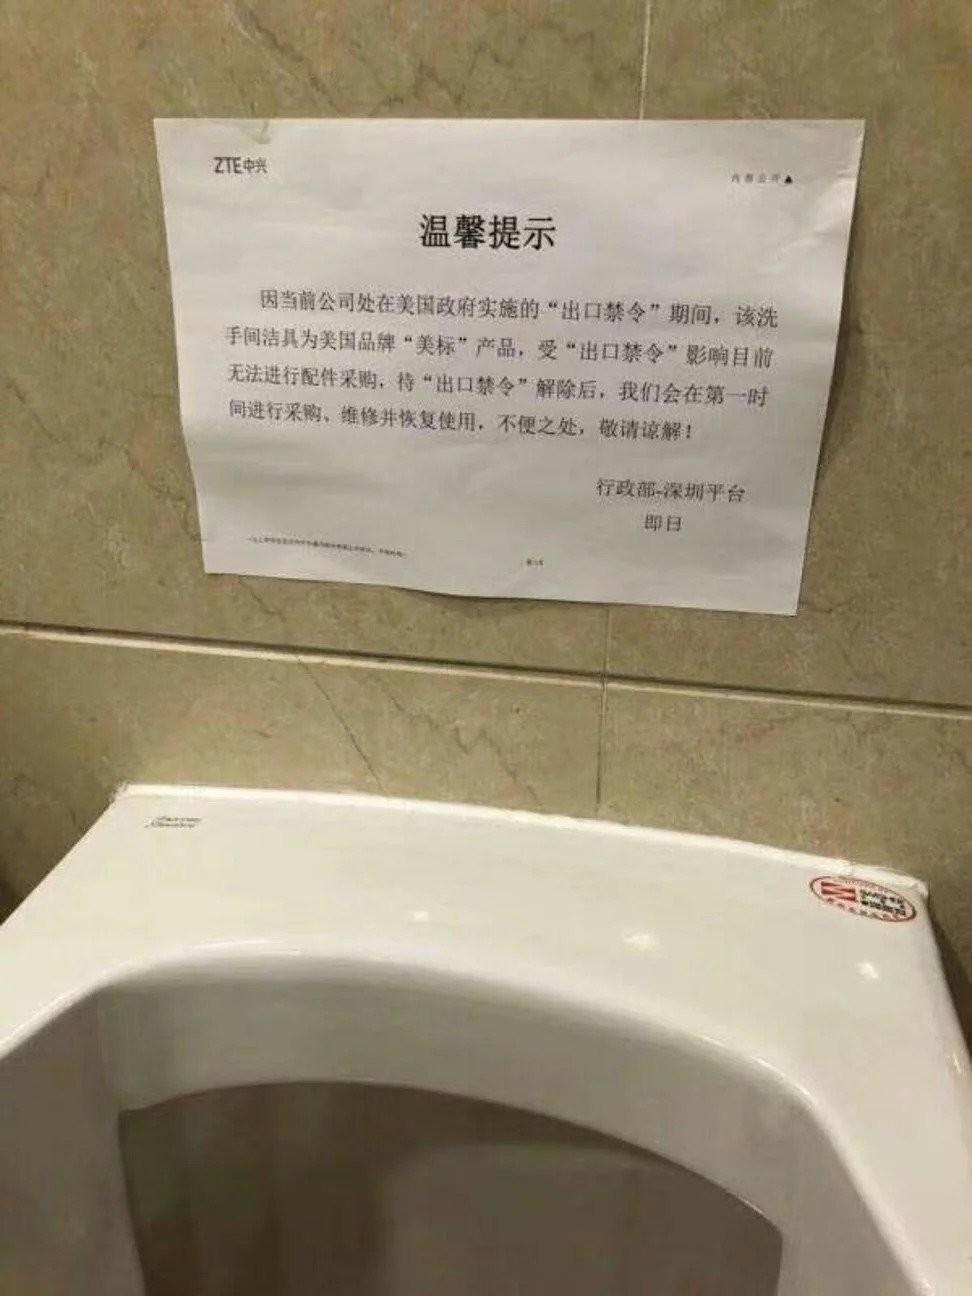 - Vi får ikke reparert urinalet på grunn av USA-utestengelsen.